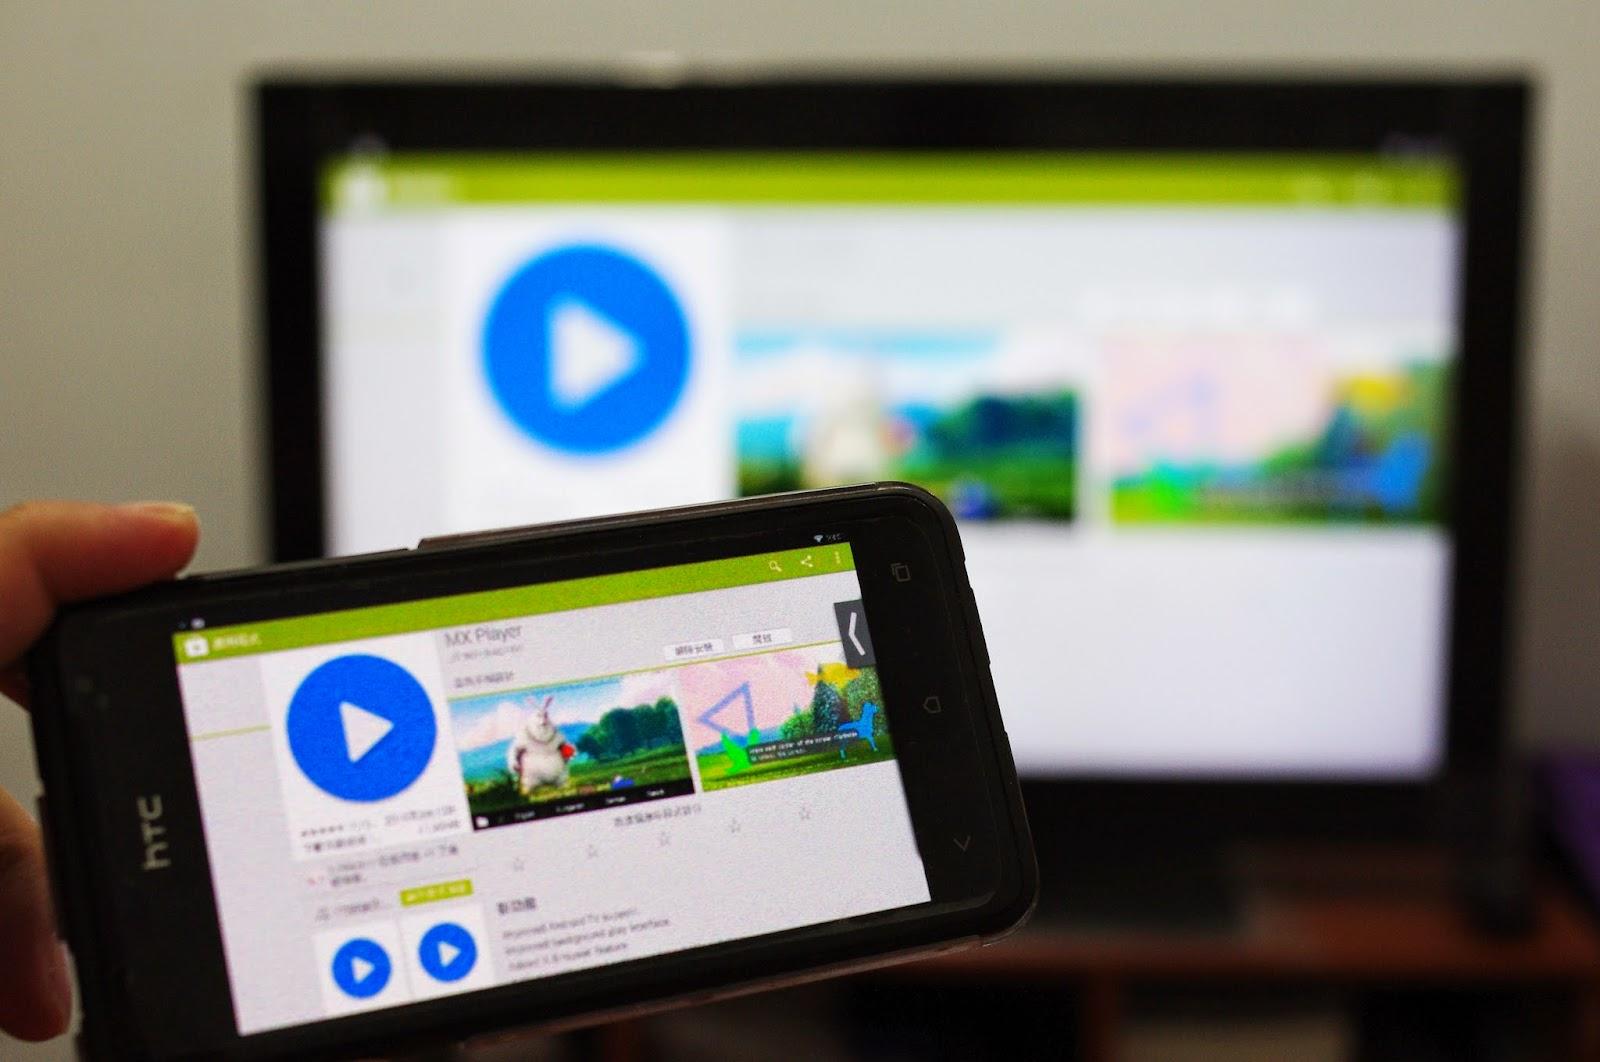 「有智慧電視的使用者一般不需要再買盒子了」的圖片搜尋結果